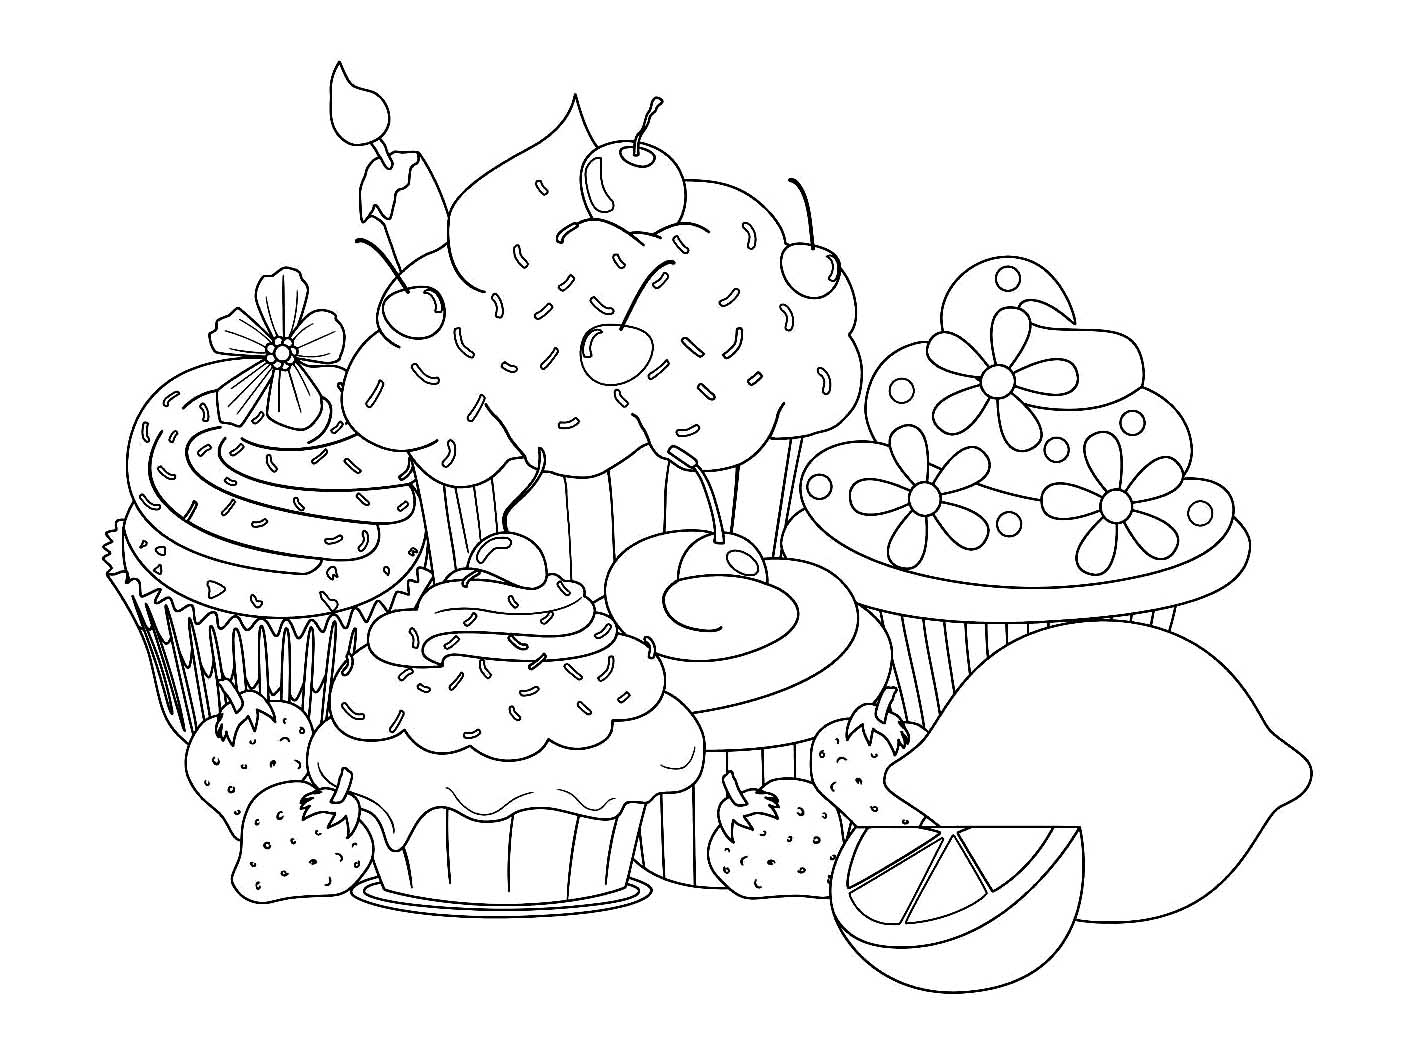 Disegni da colorare per adulti : Cup Cakes - 13